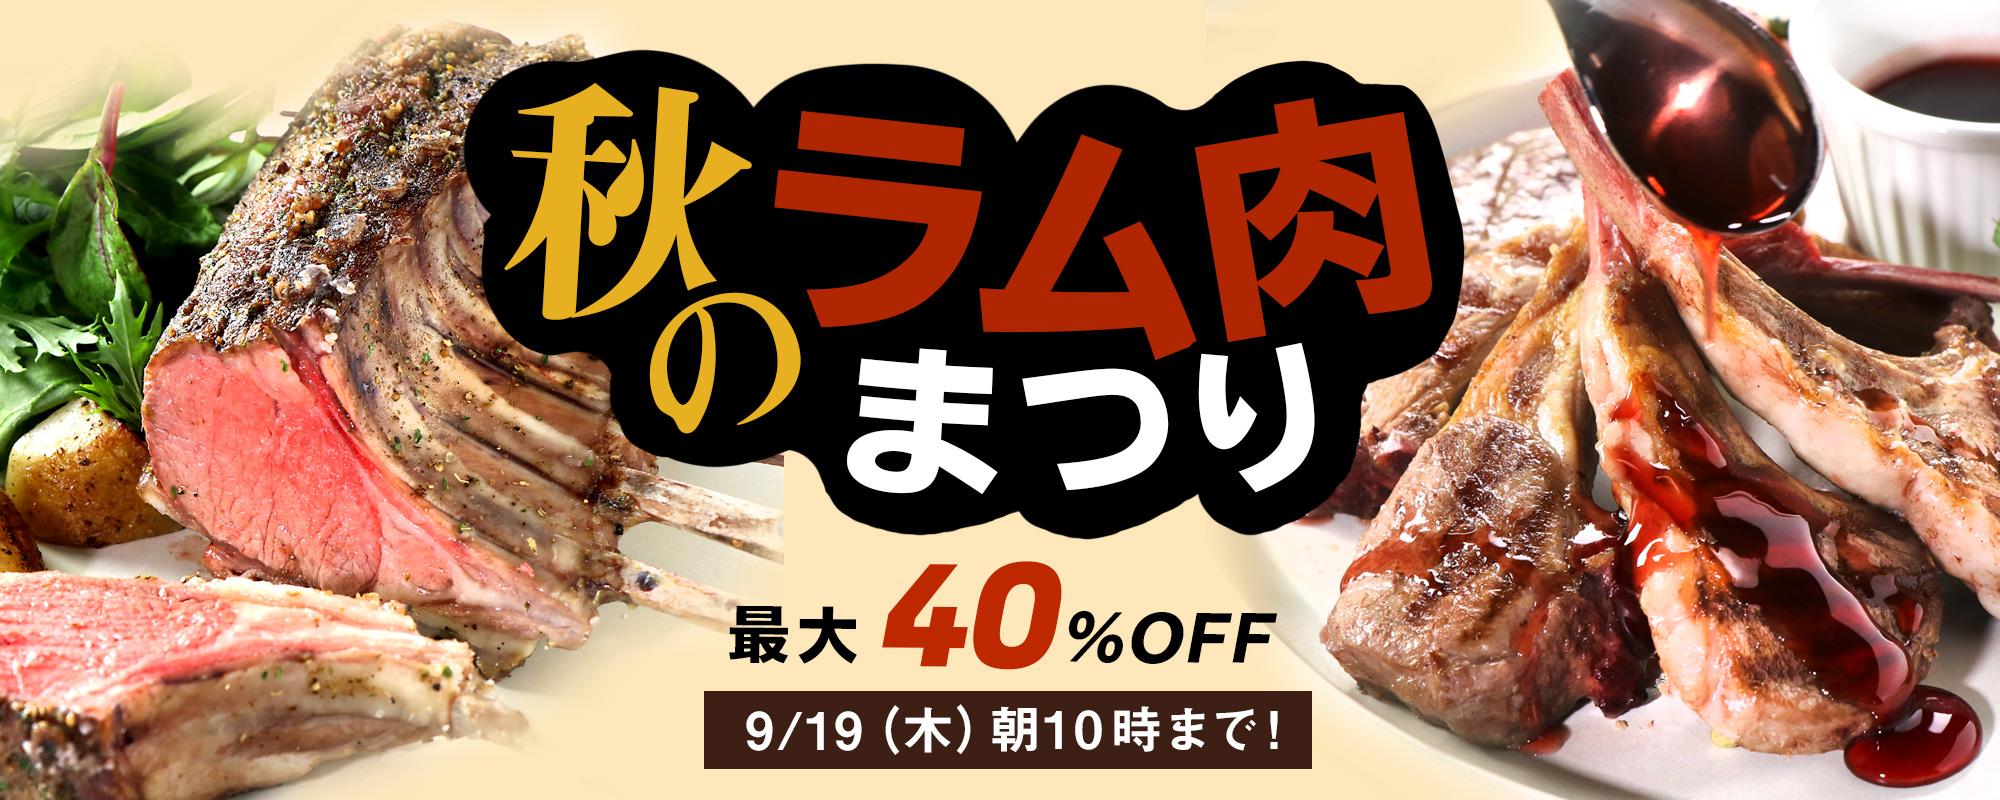 秋のラム肉祭り!おいしく食べるレシピ付き